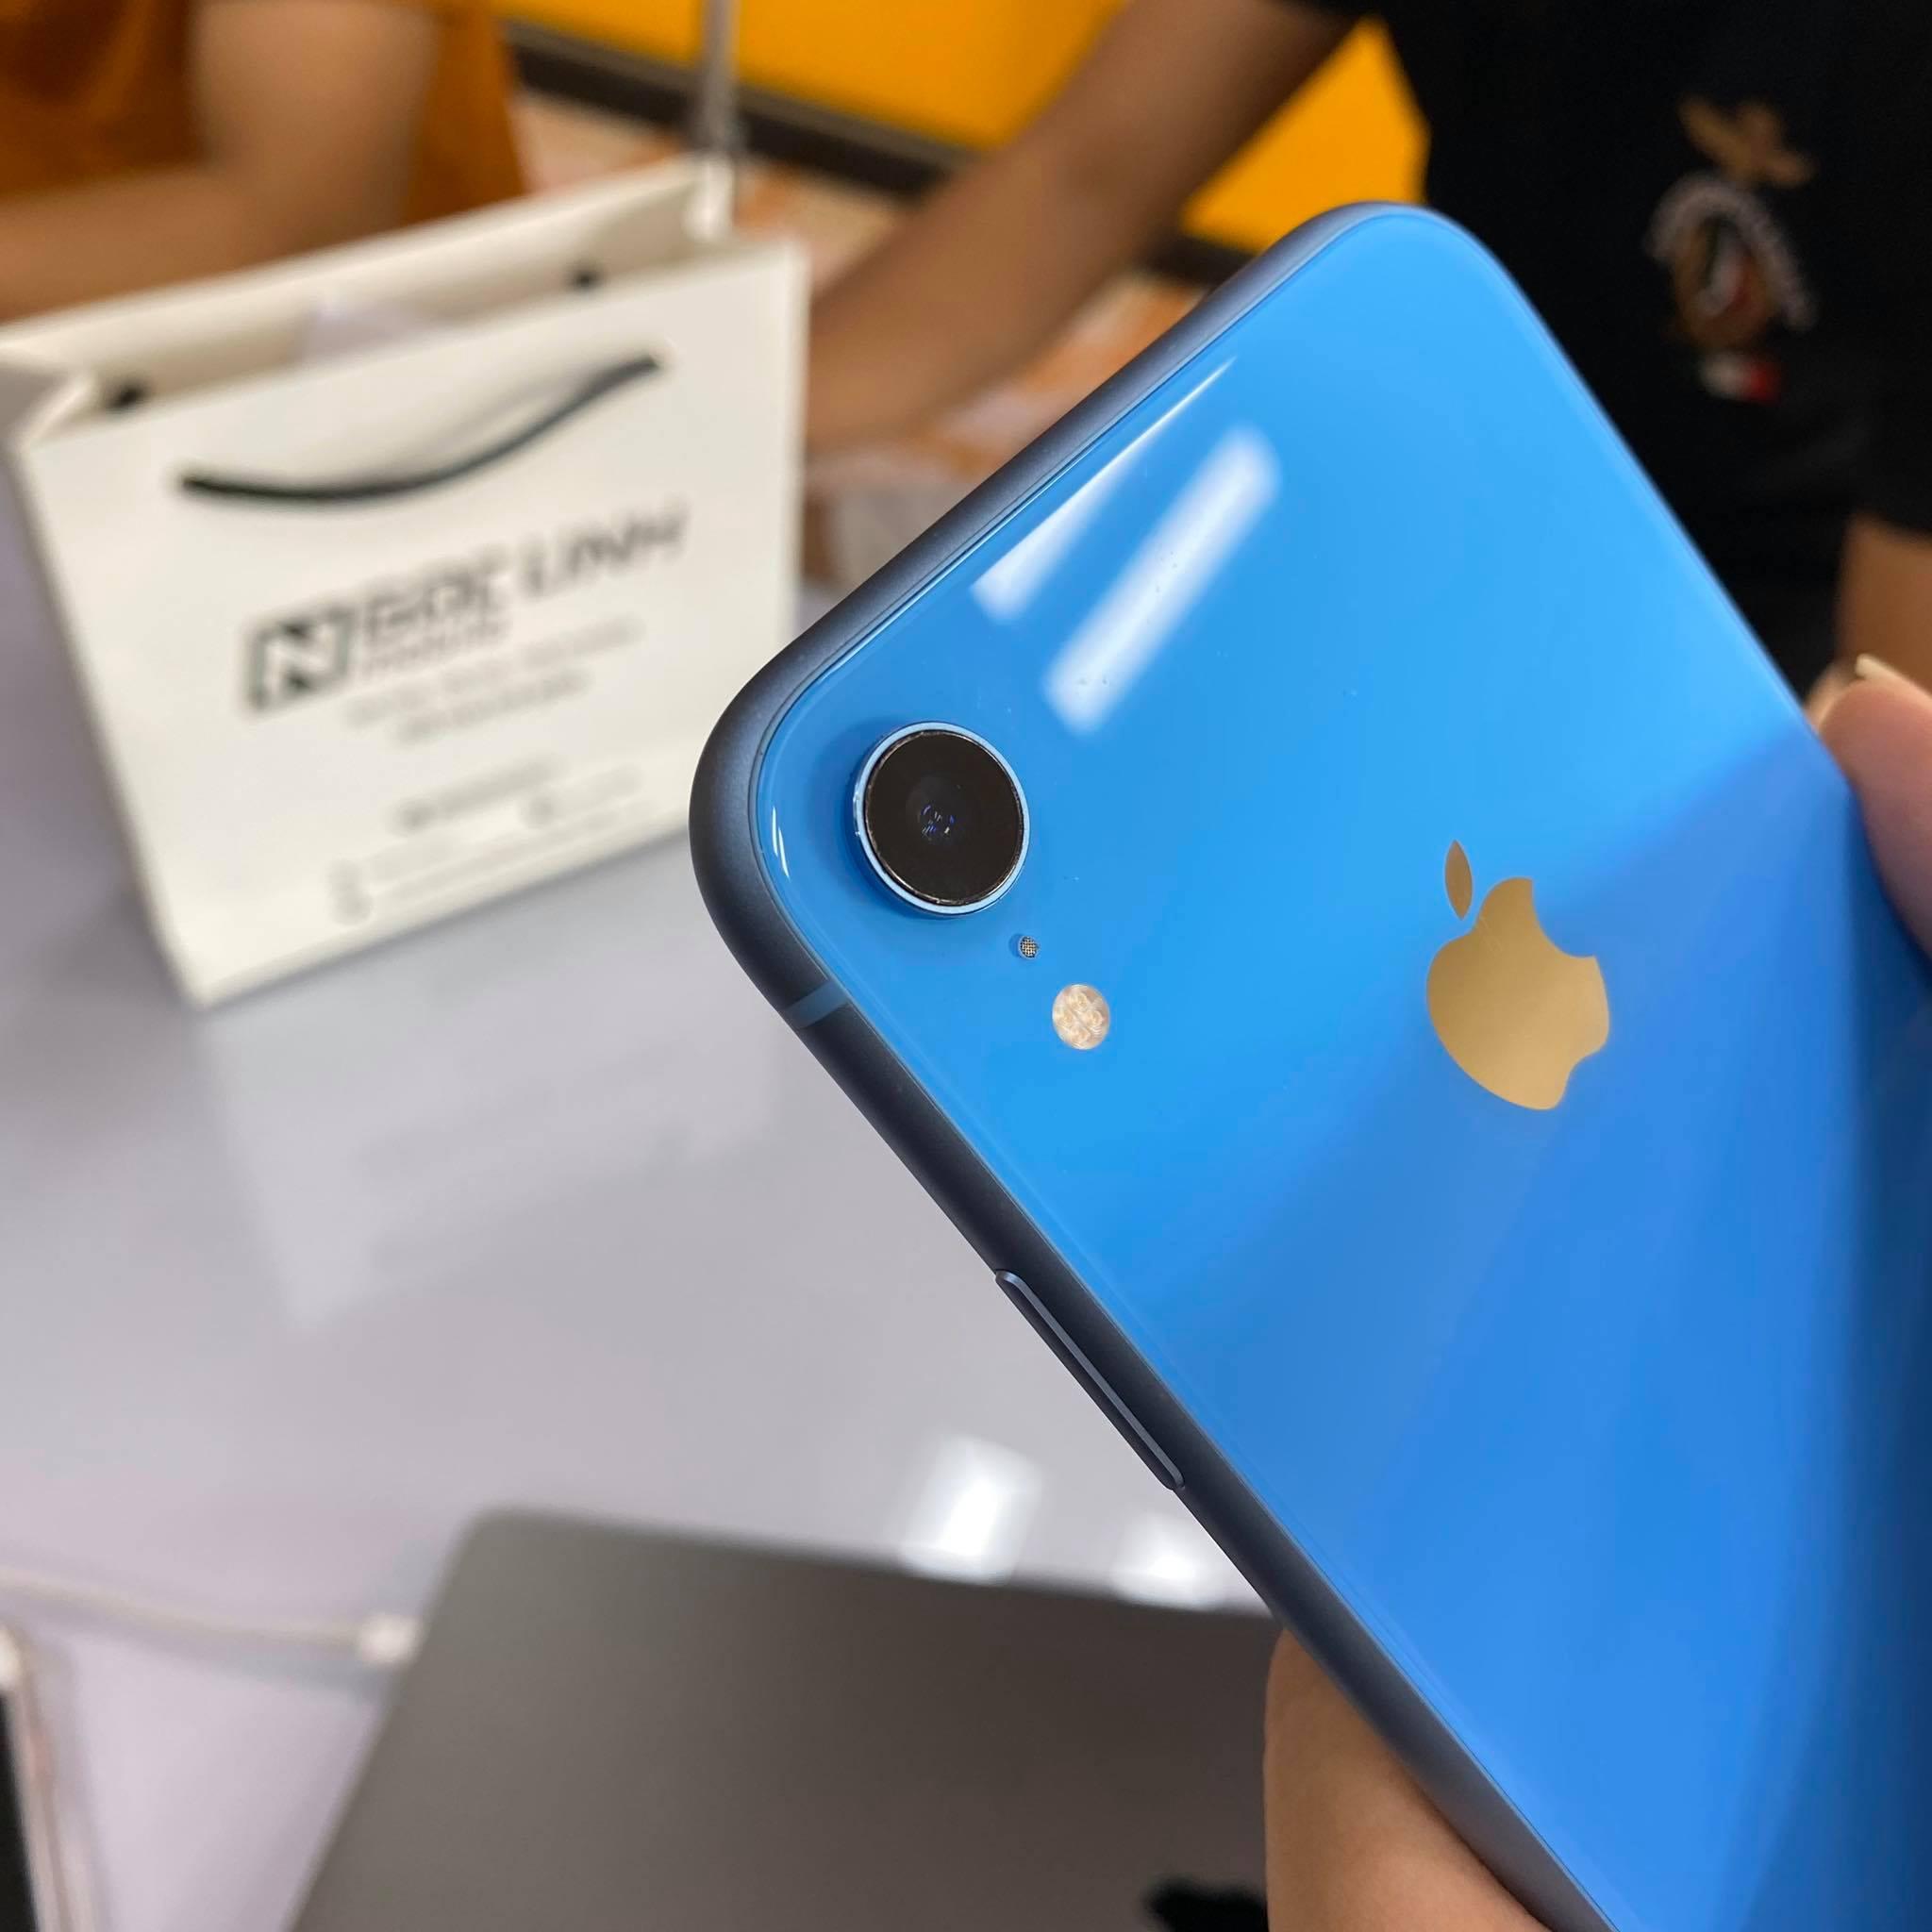 iPhone Xr - Chiếc iPhone Xr thực sự thích hợp cho những ai?